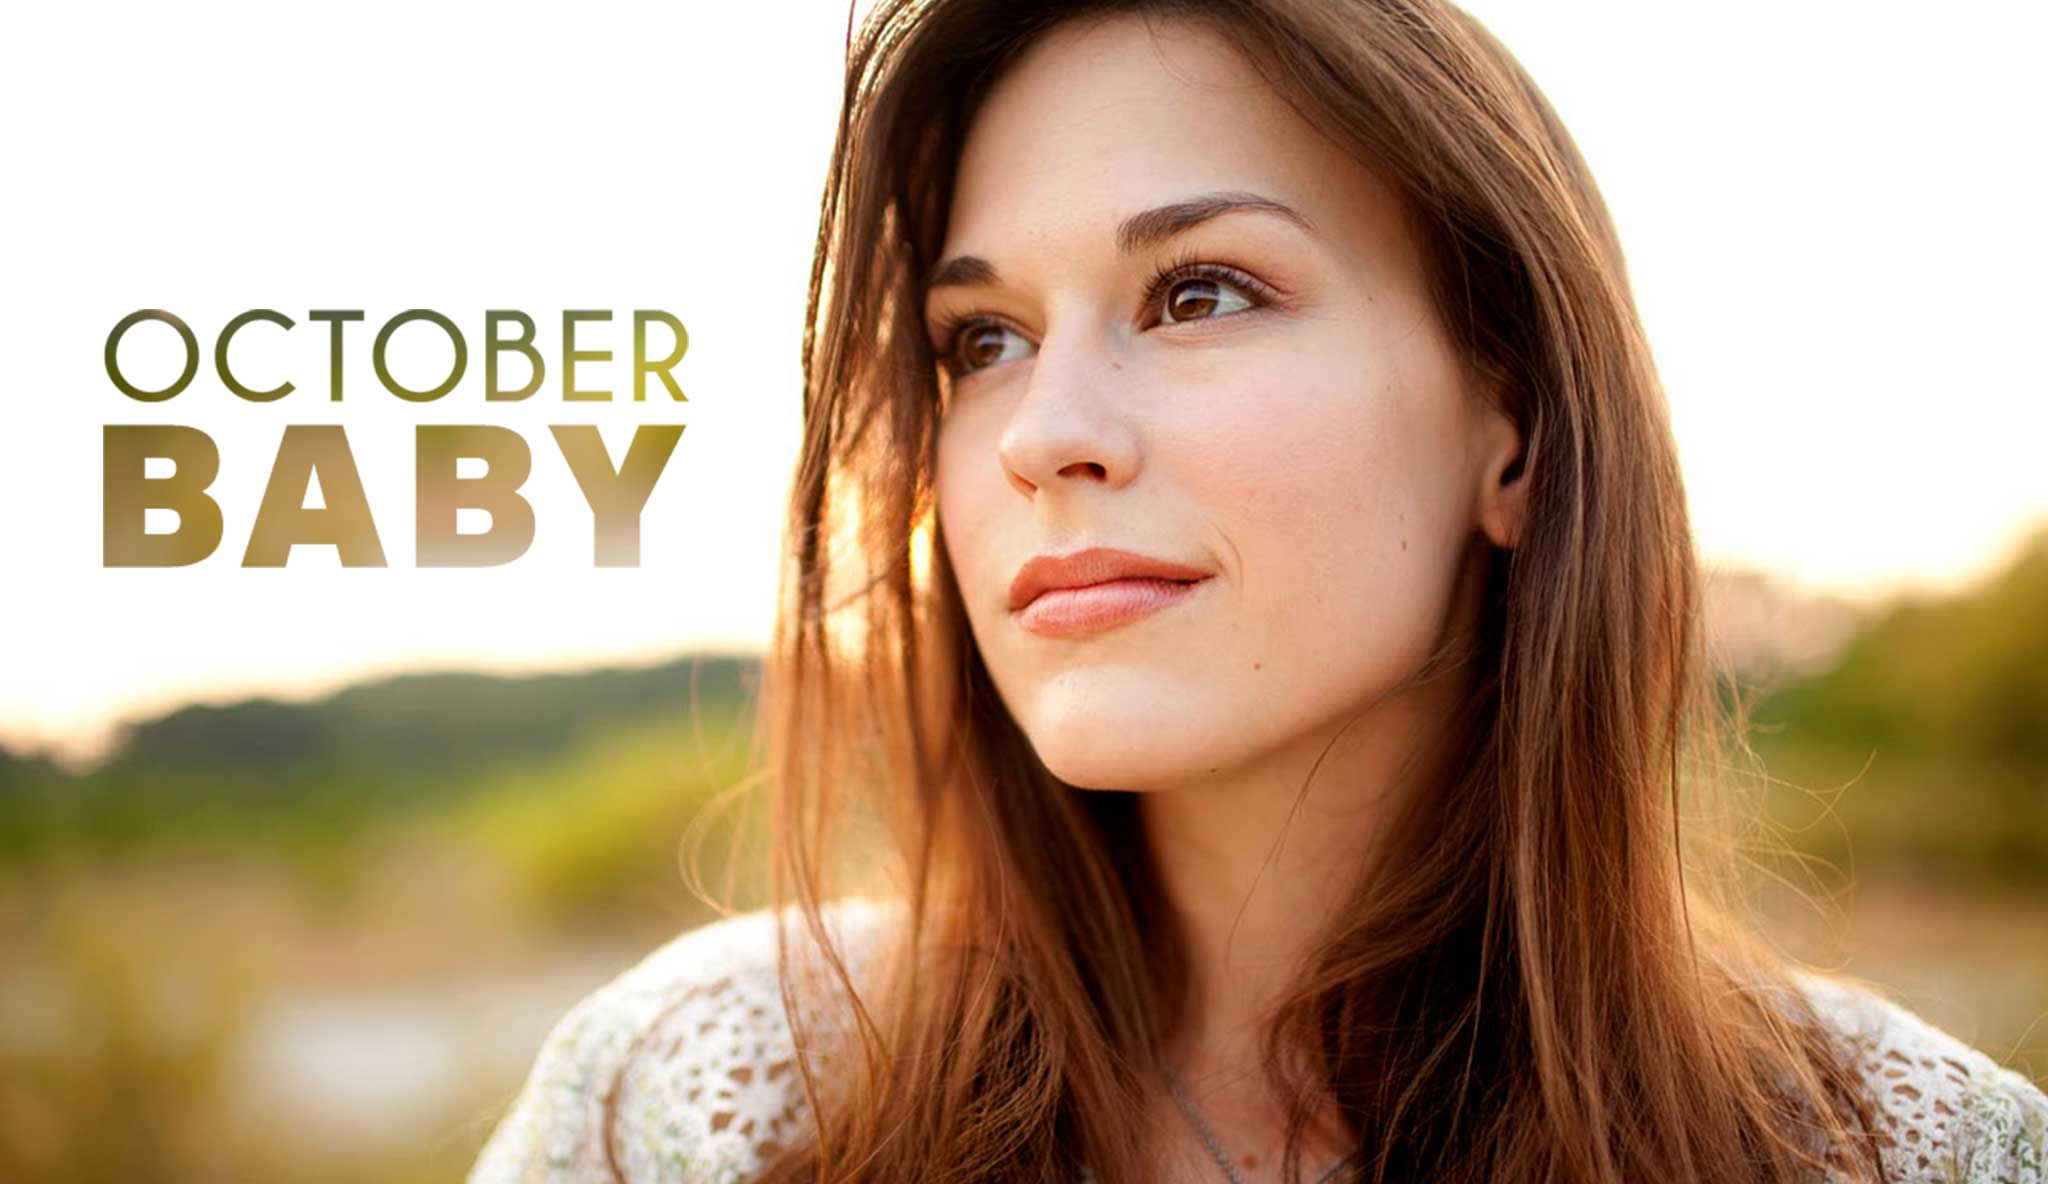 october-baby\header.jpg